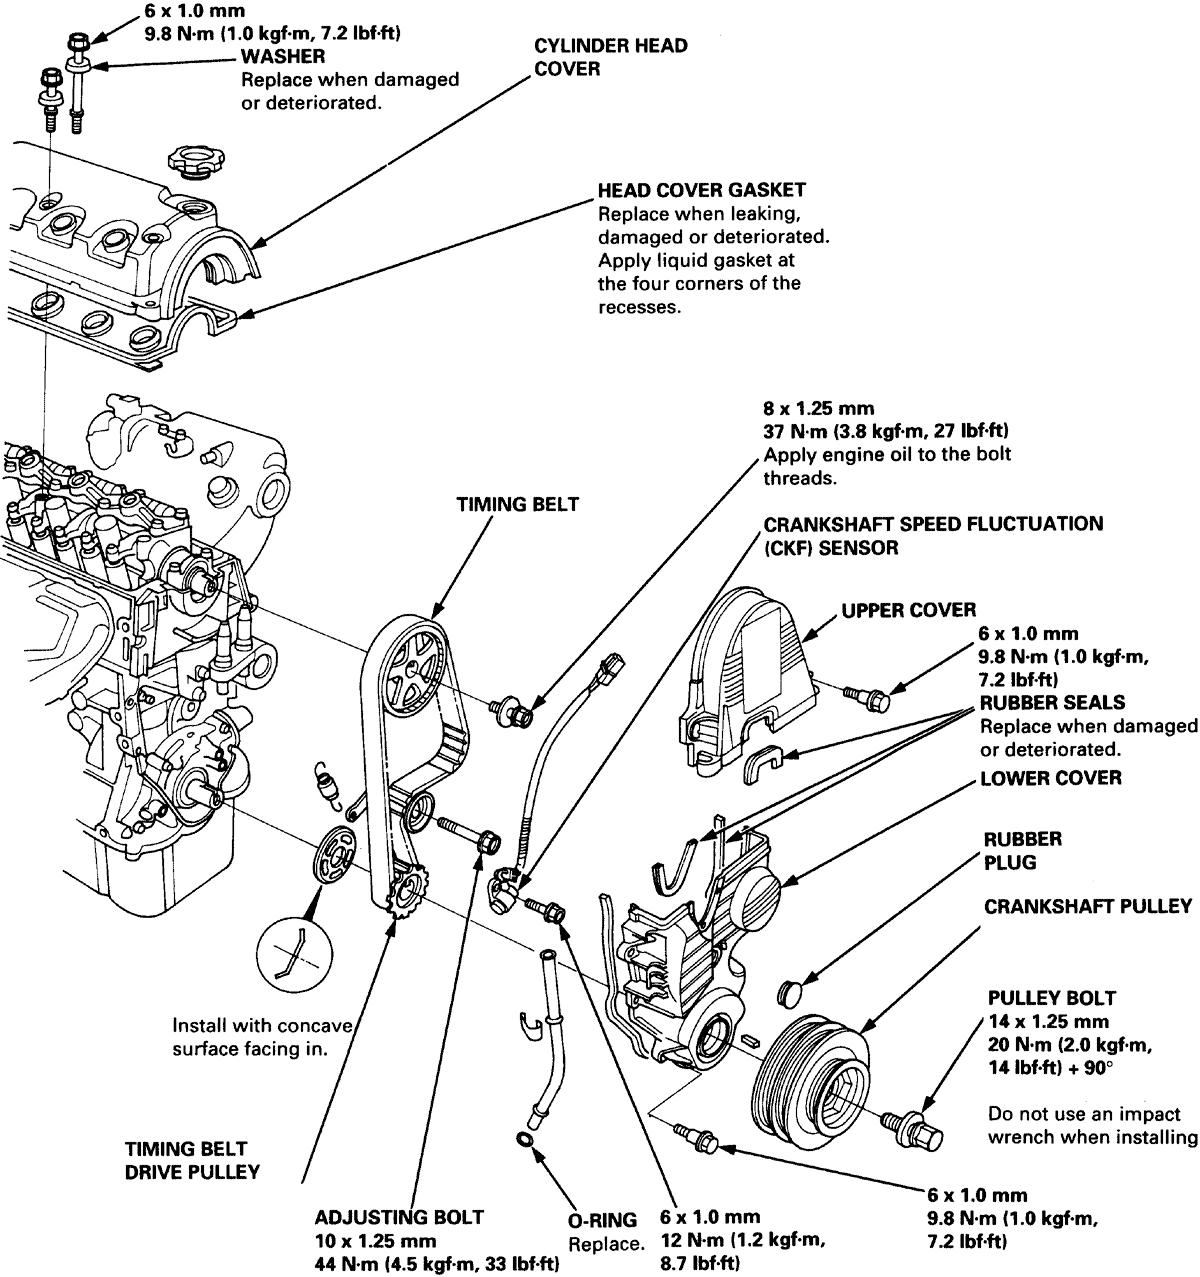 1997-honda-civic-1.6l-timing-belt-diagram